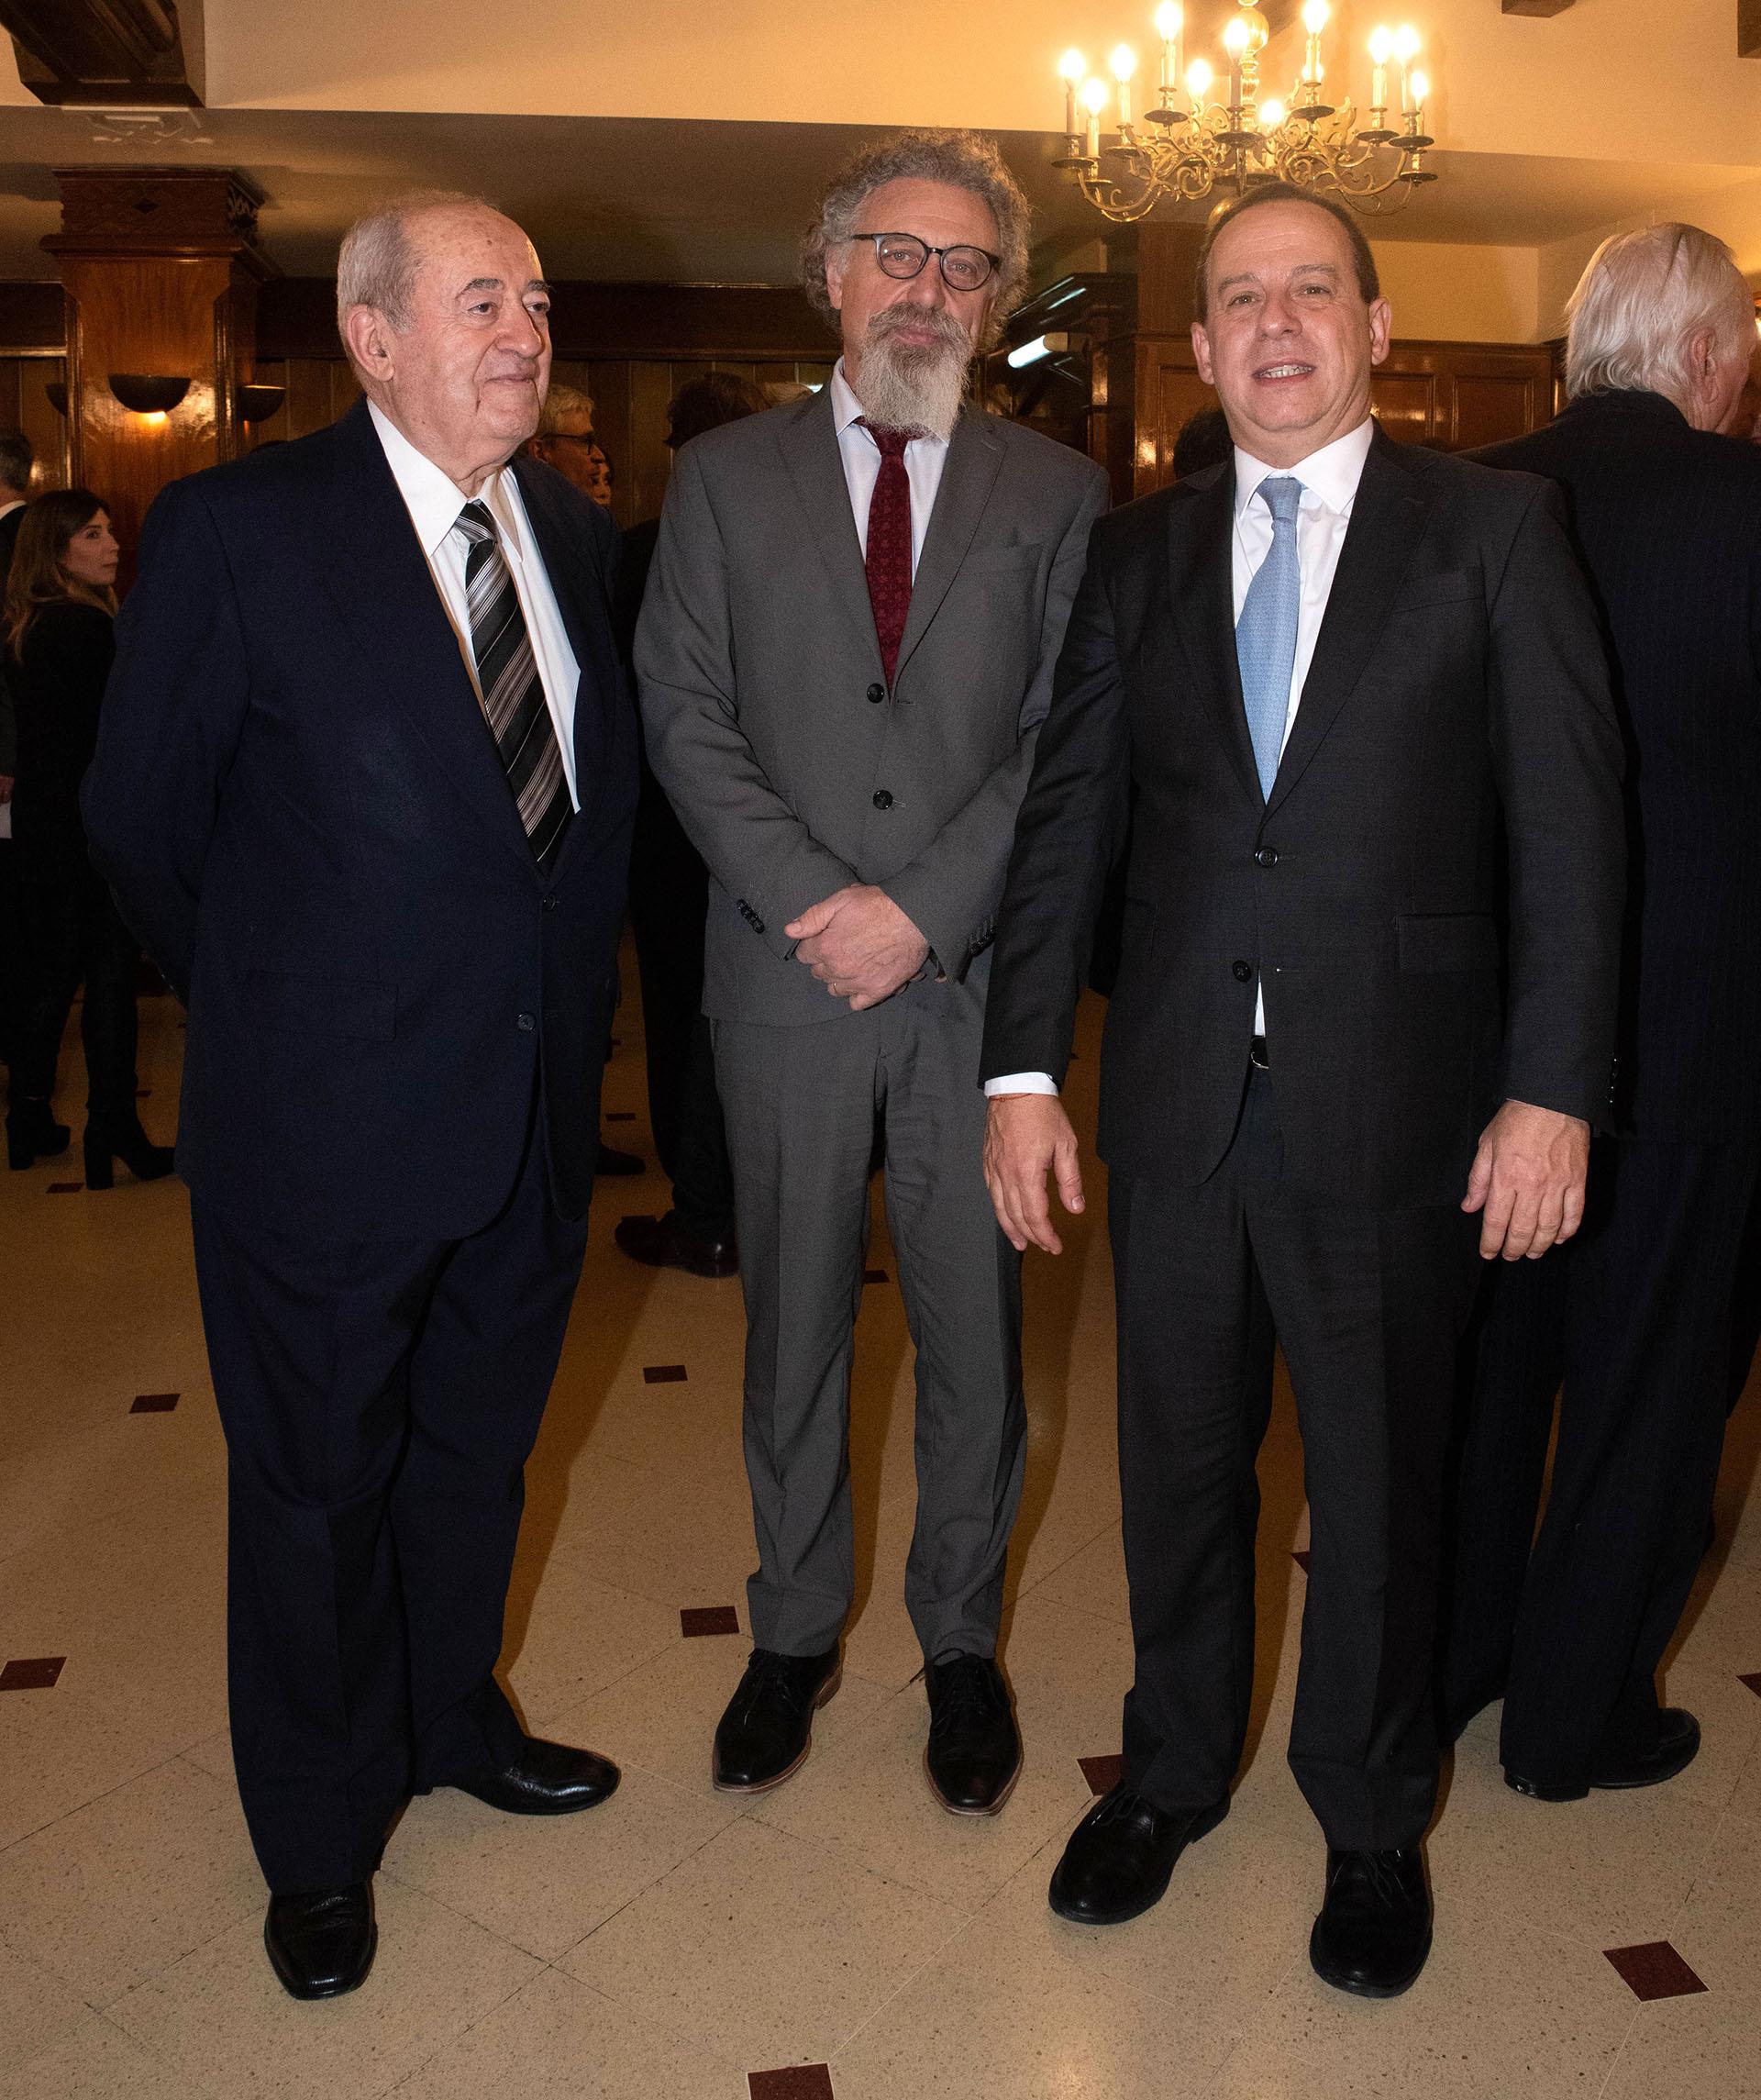 Guillermo Ignacio, Alfredo Luenzo y Martín Etchevers